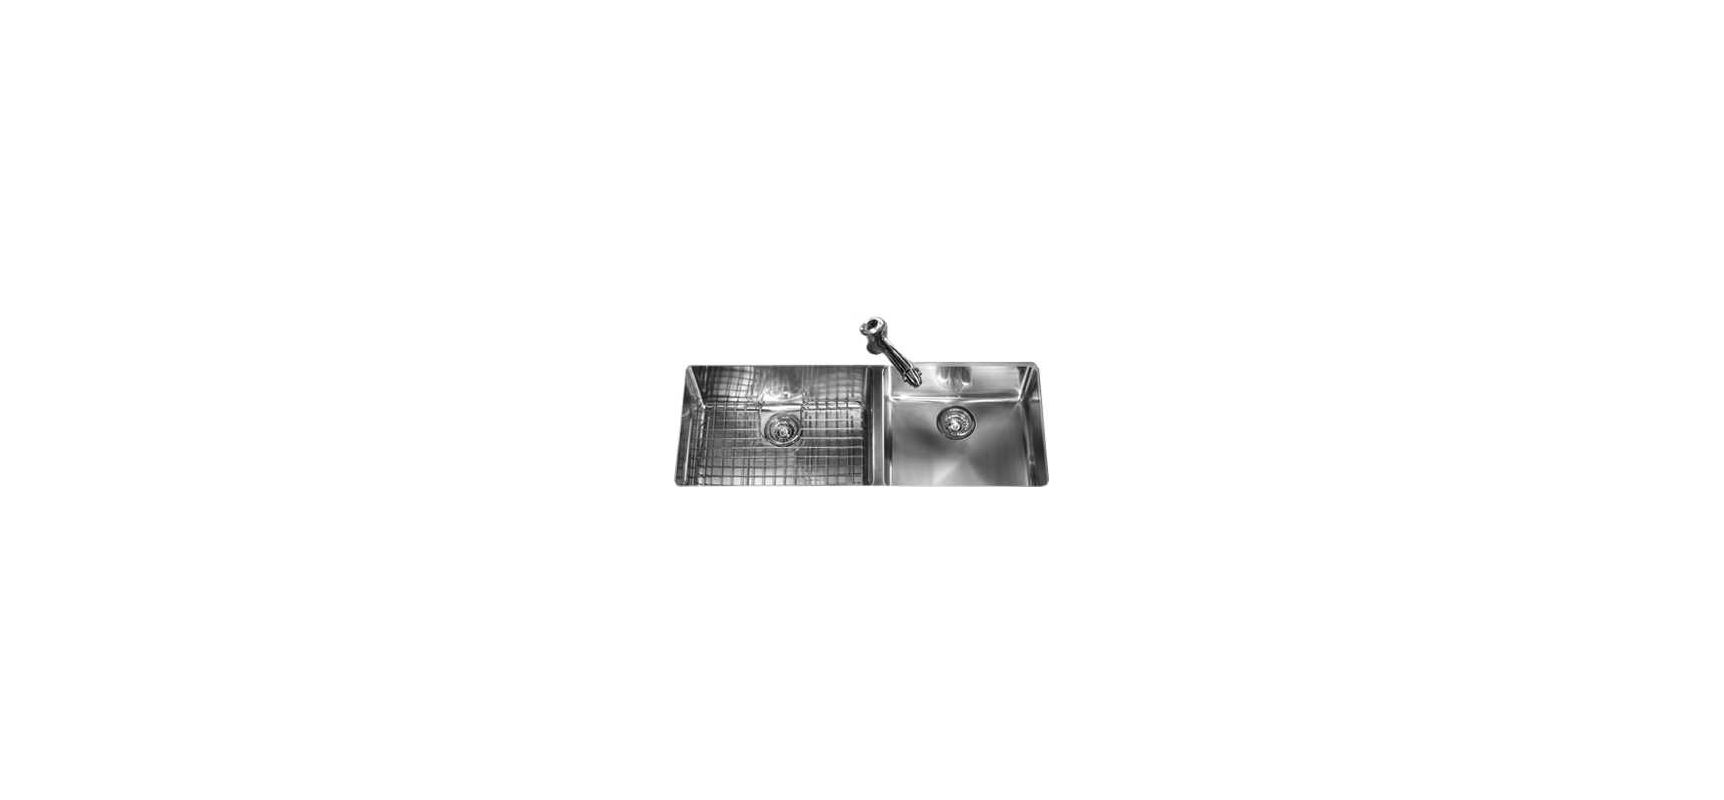 Franke Kbx12039 Stainless Steel Kubus 38 4 7 Quot X 18 1 8